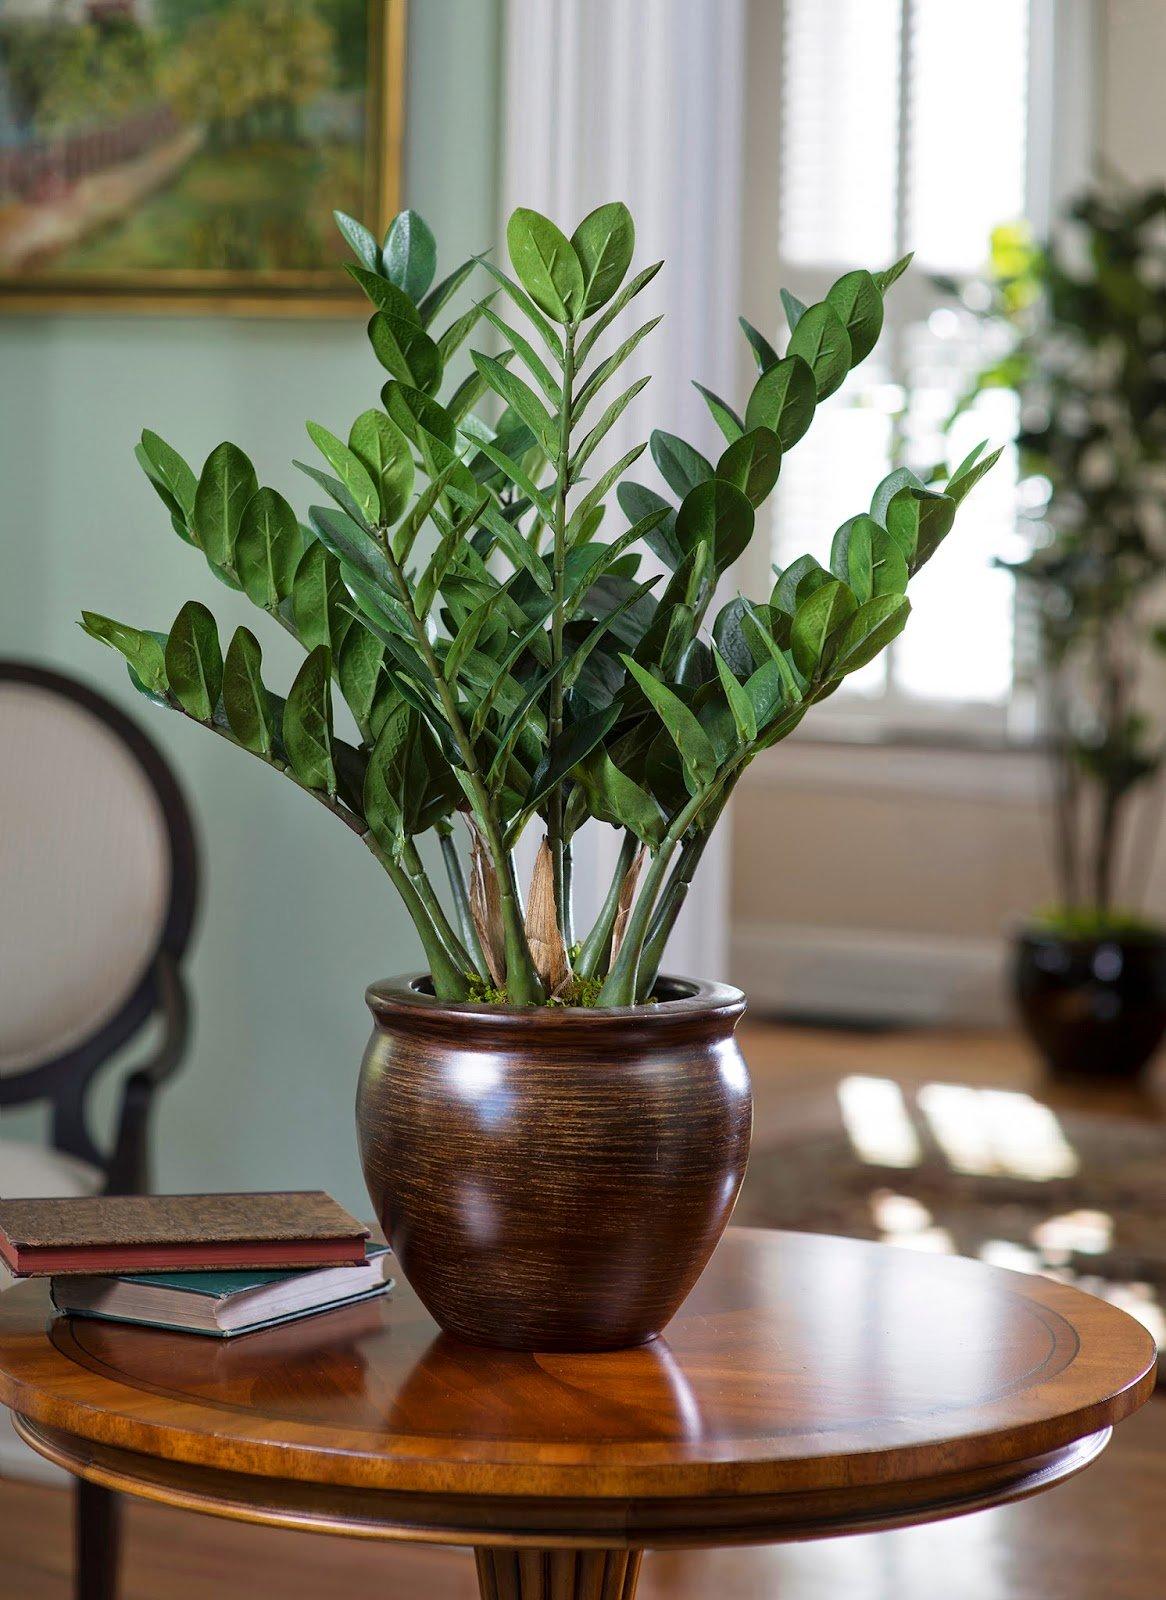 Тенелюбивые комнатные растения. неприхотливые тенелюбивые комнатные растения